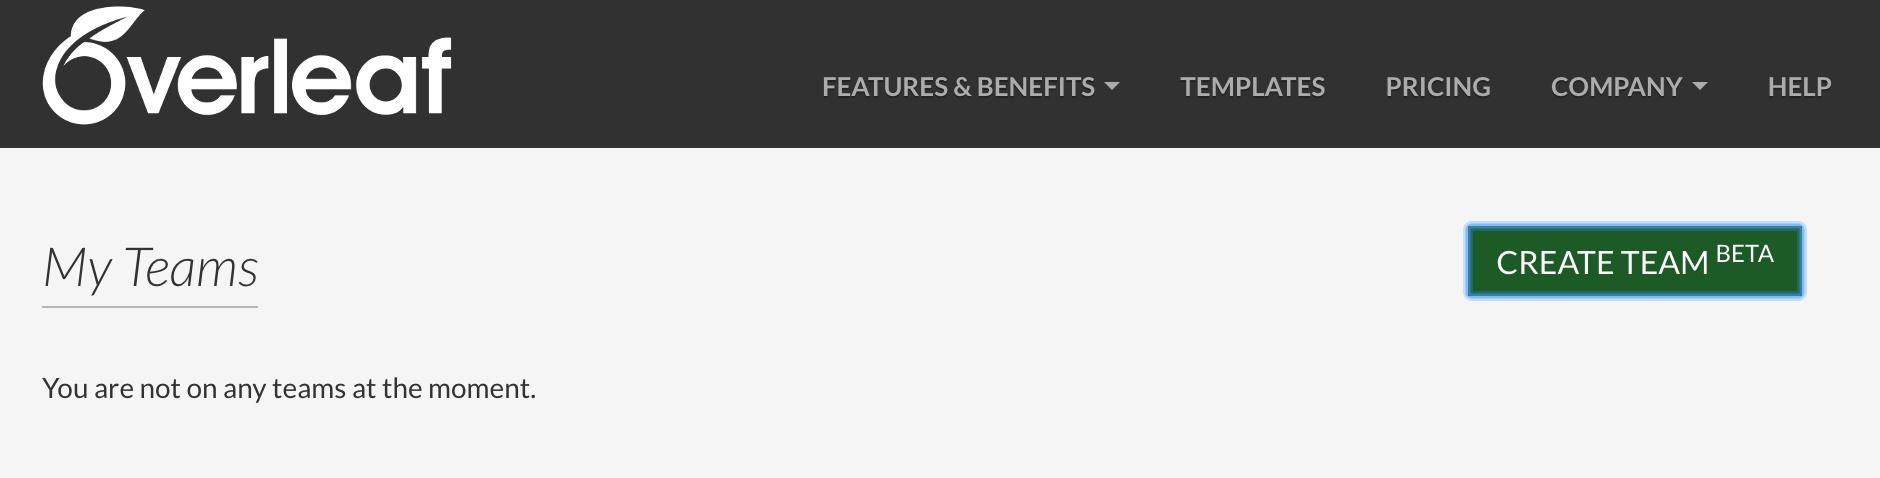 Create team (beta) button on Overleaf